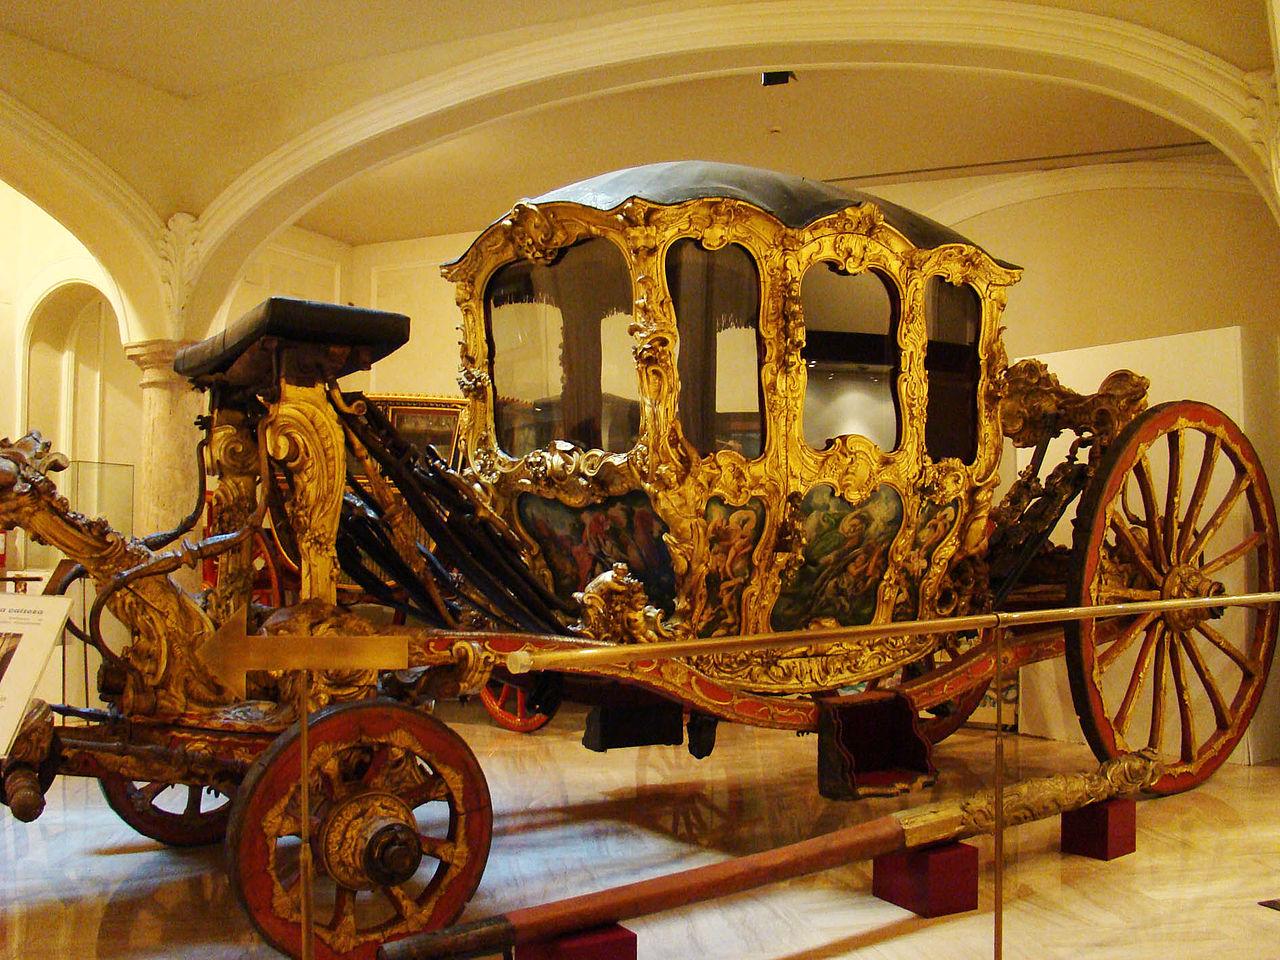 carroza museo nacional de ceramica valencia